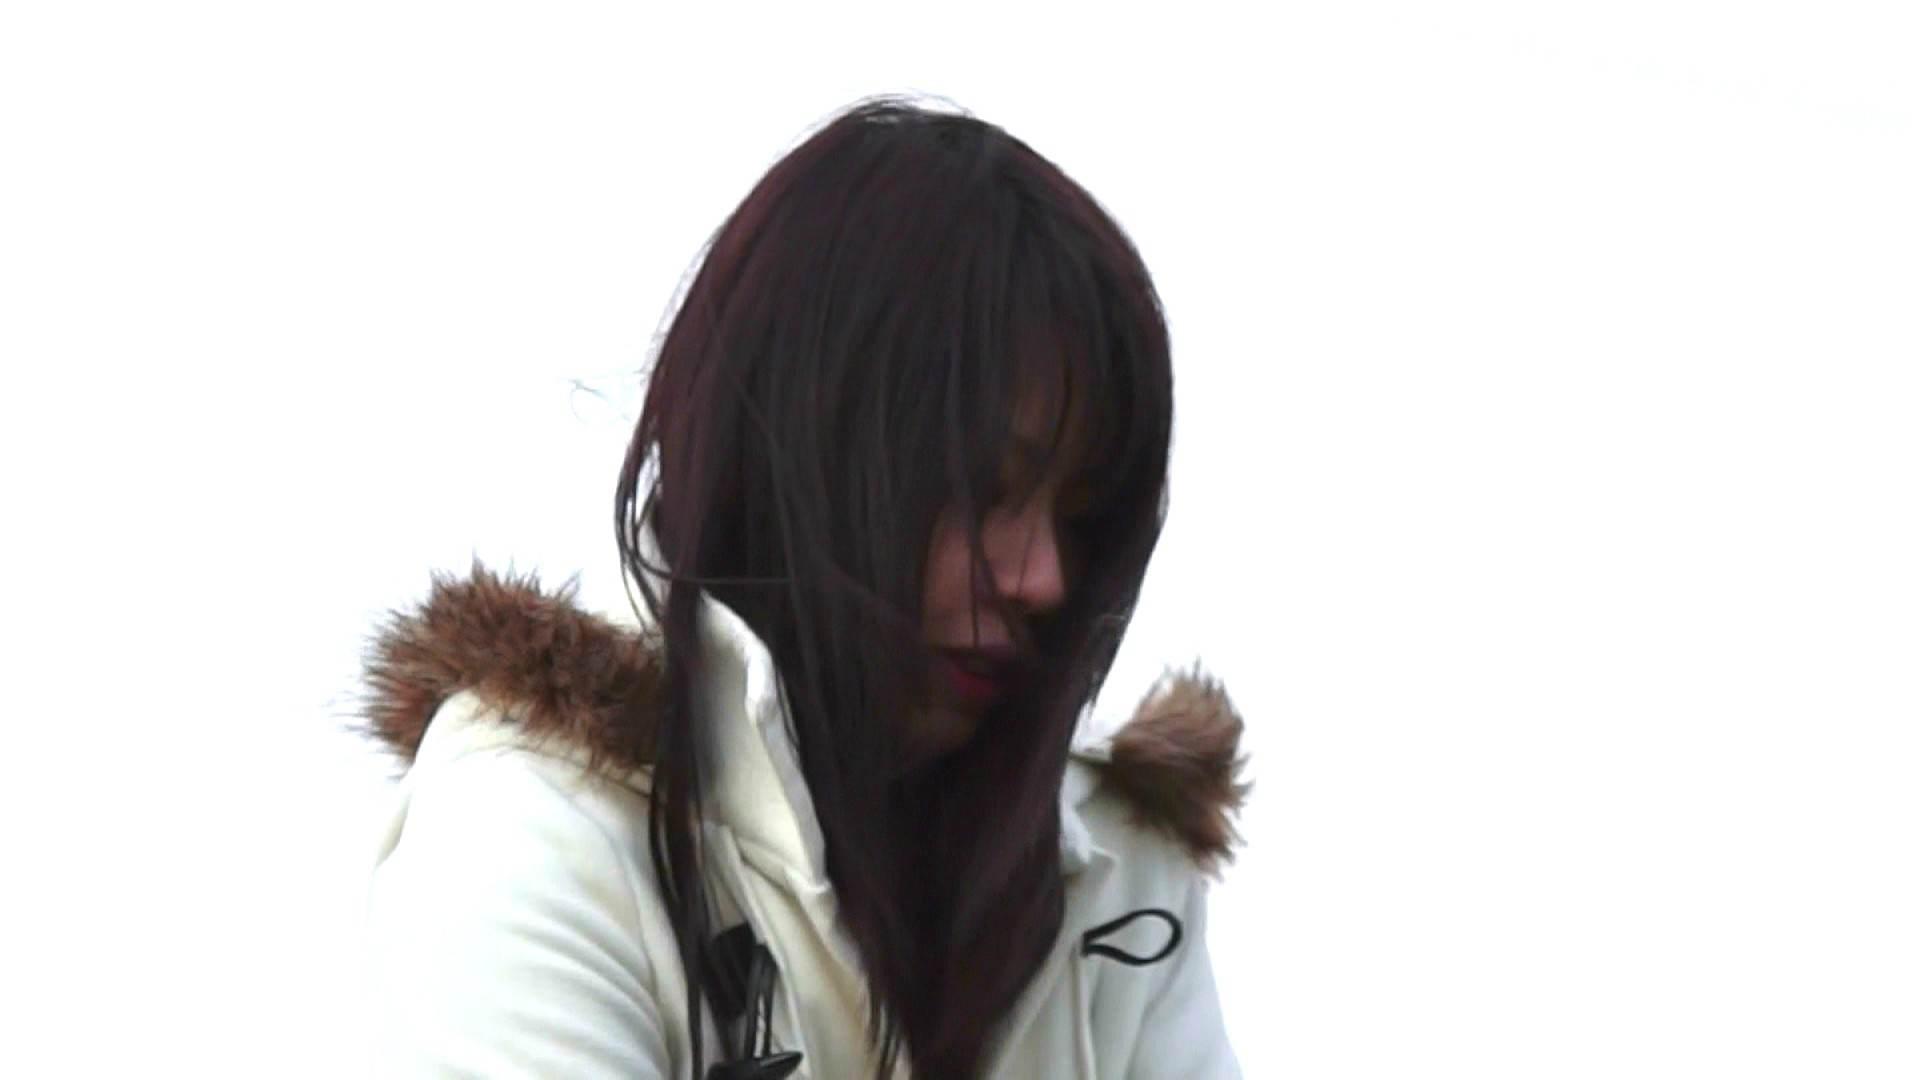 vol.2 自宅近く思い出の地で黄昏る志穂さん 高画質 AV無料 83画像 71